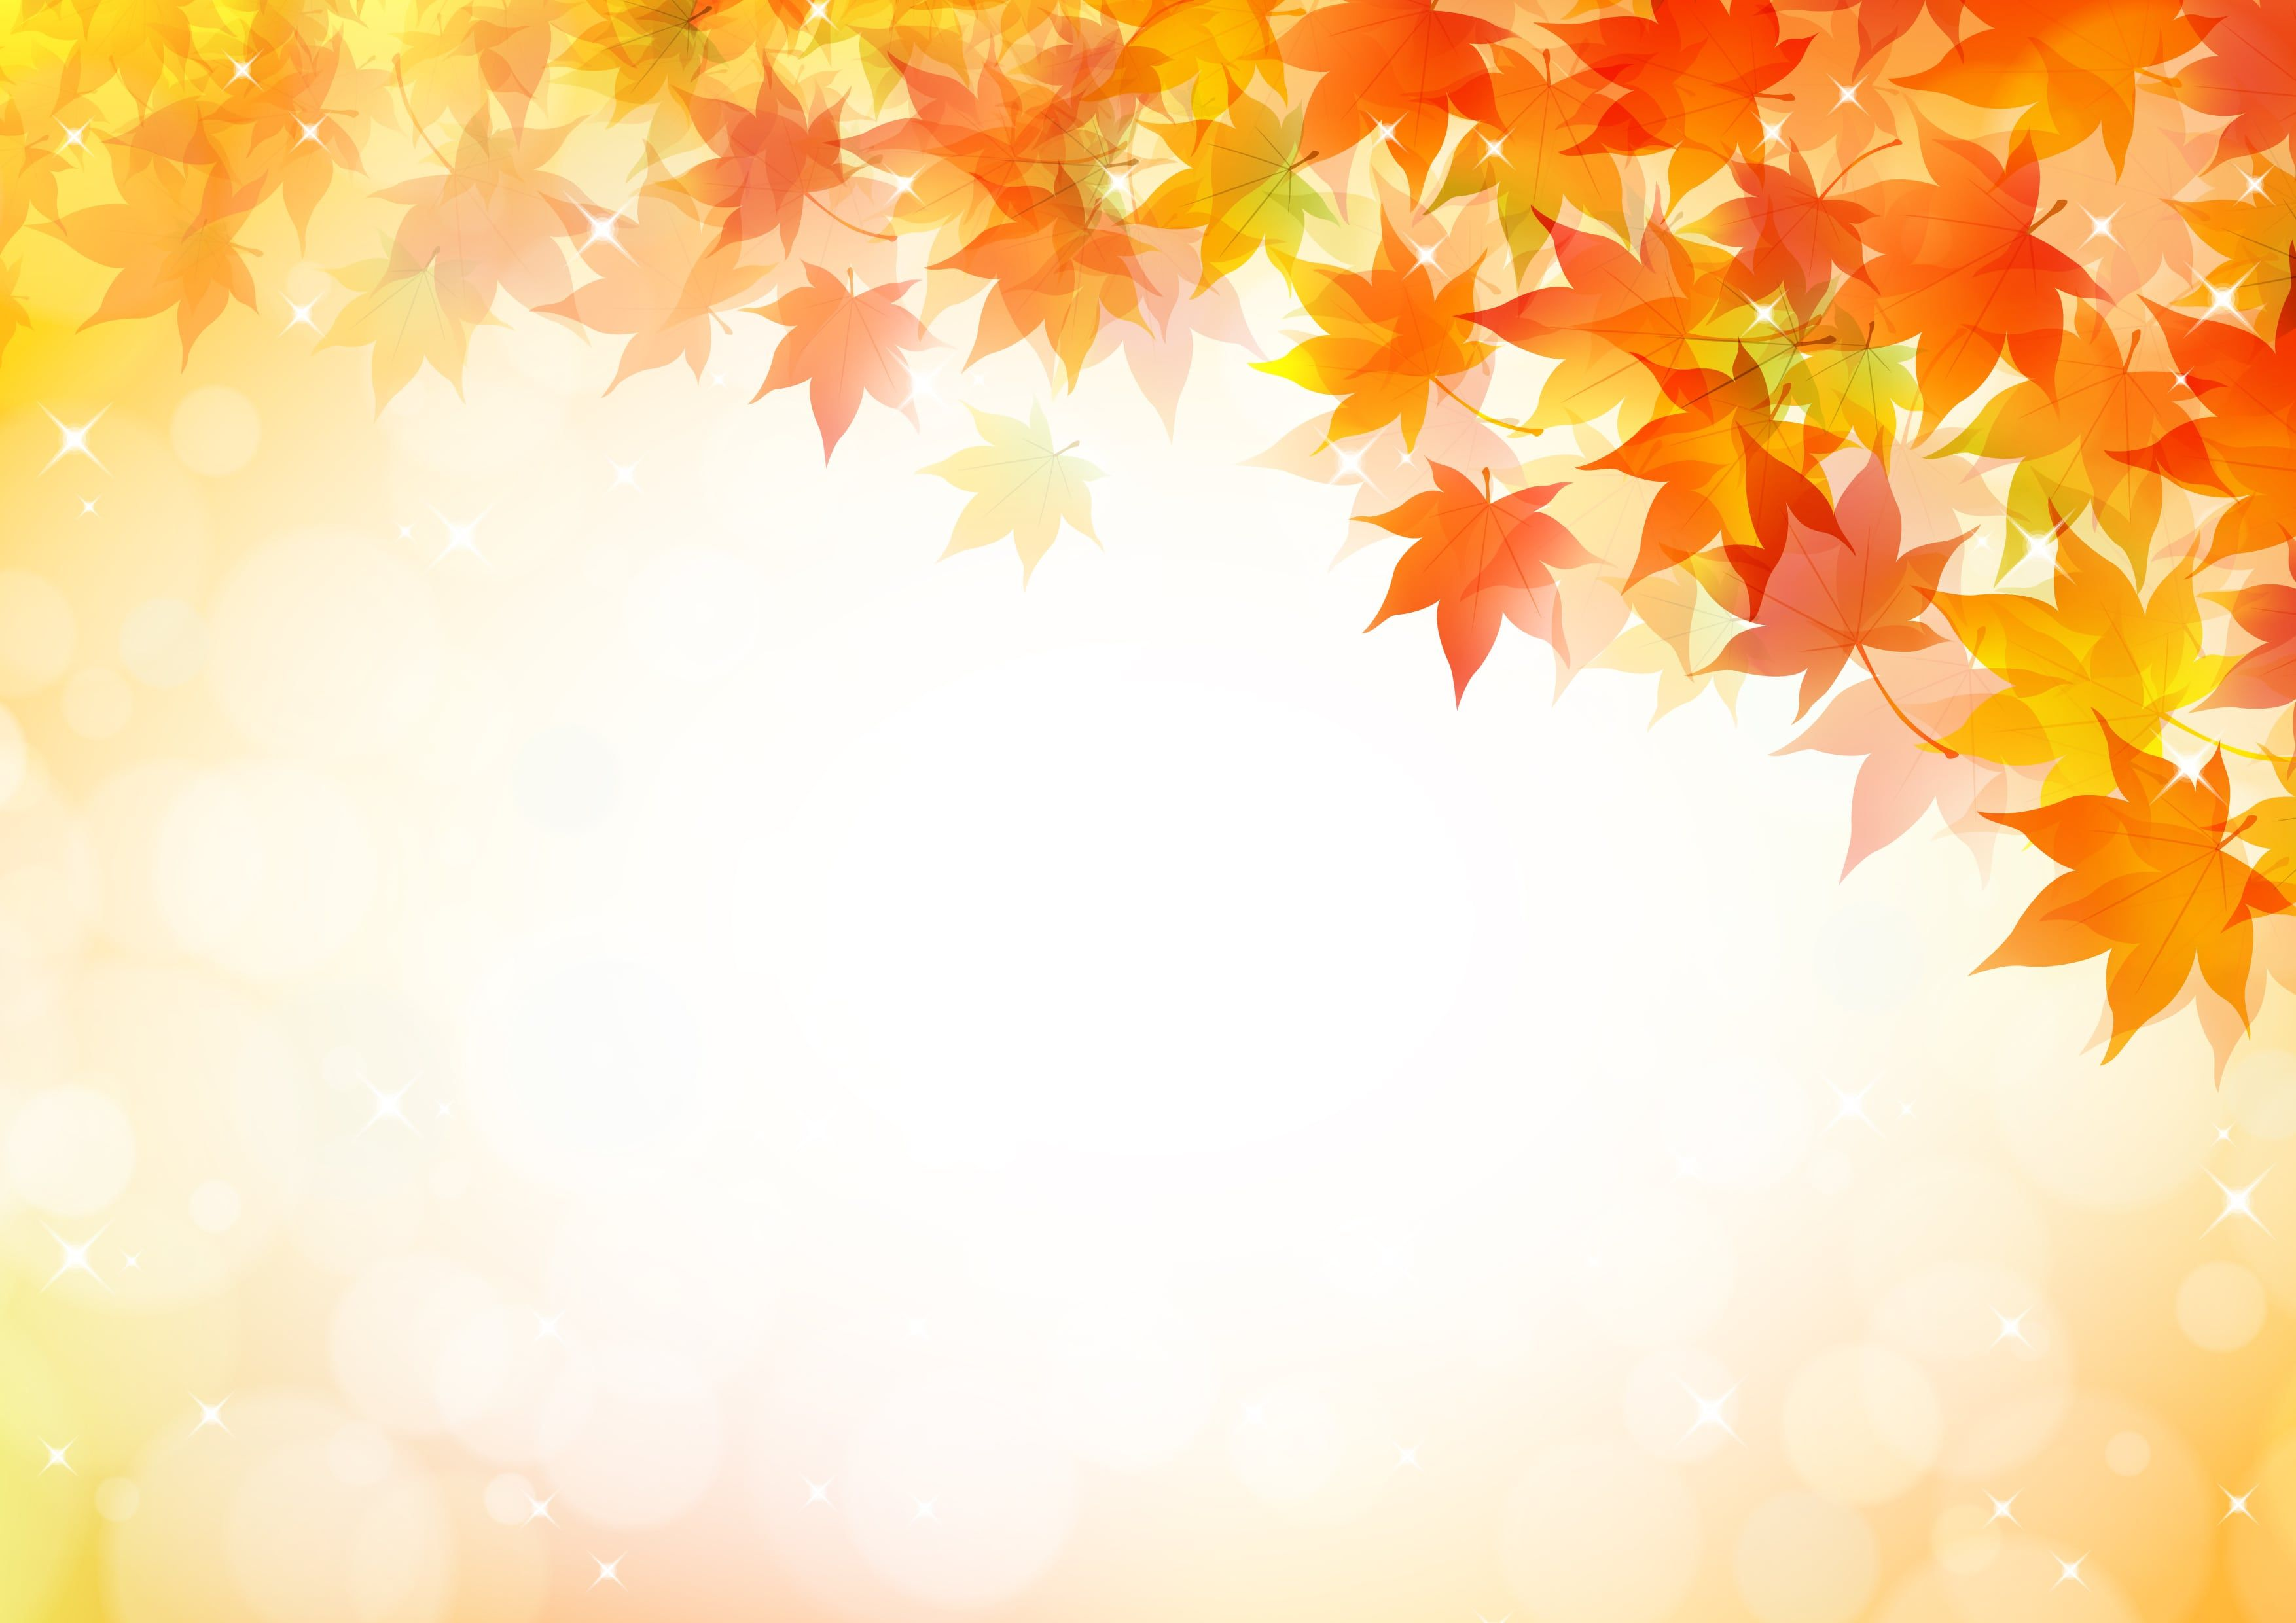 ベストセレクション 紅葉 画像 無料 画像あり 紅葉 画像 秋の